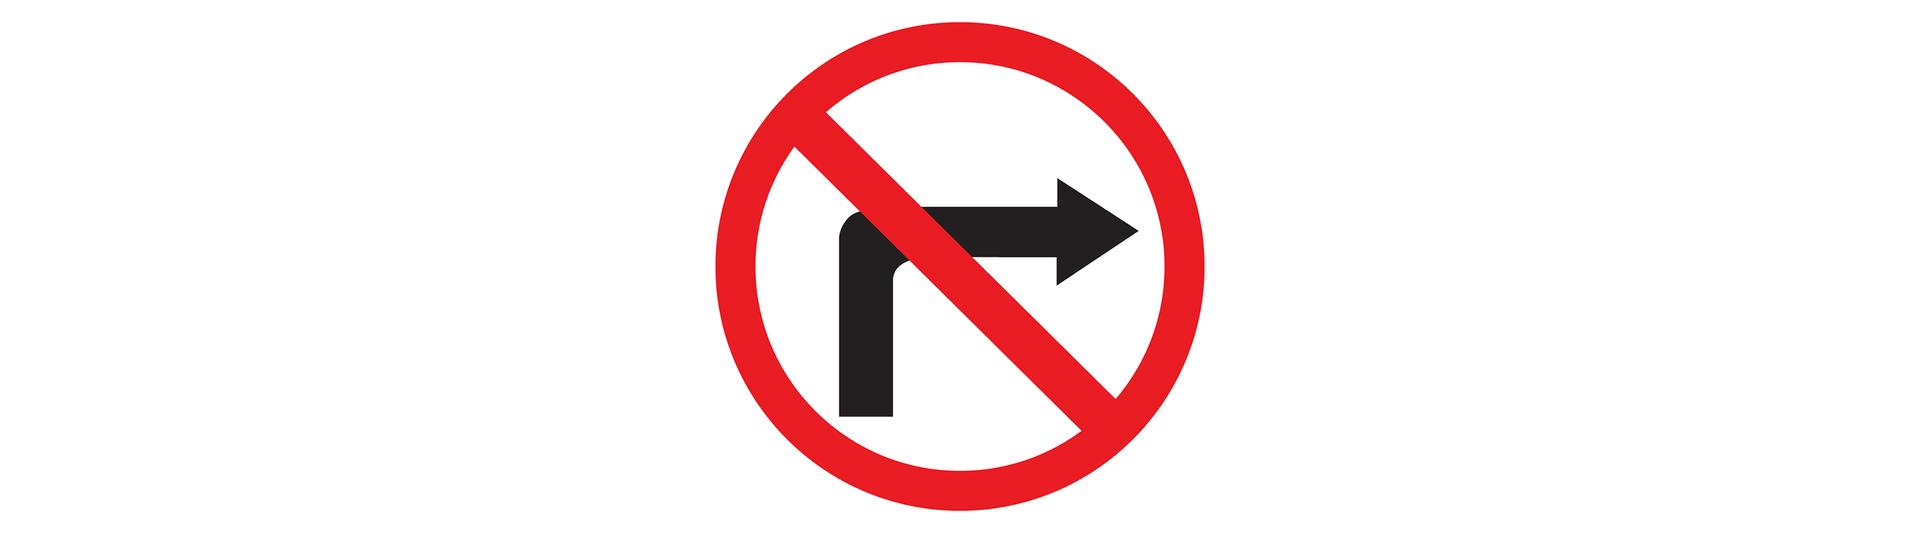 Rysunek okształcie koła znaku zakazu skrętu wprawo. Obwód koła czerwony, na białym tle przekreślona na czerwono, czarna zgięta pod kątem prostym strzałka, skierowana wprawo.